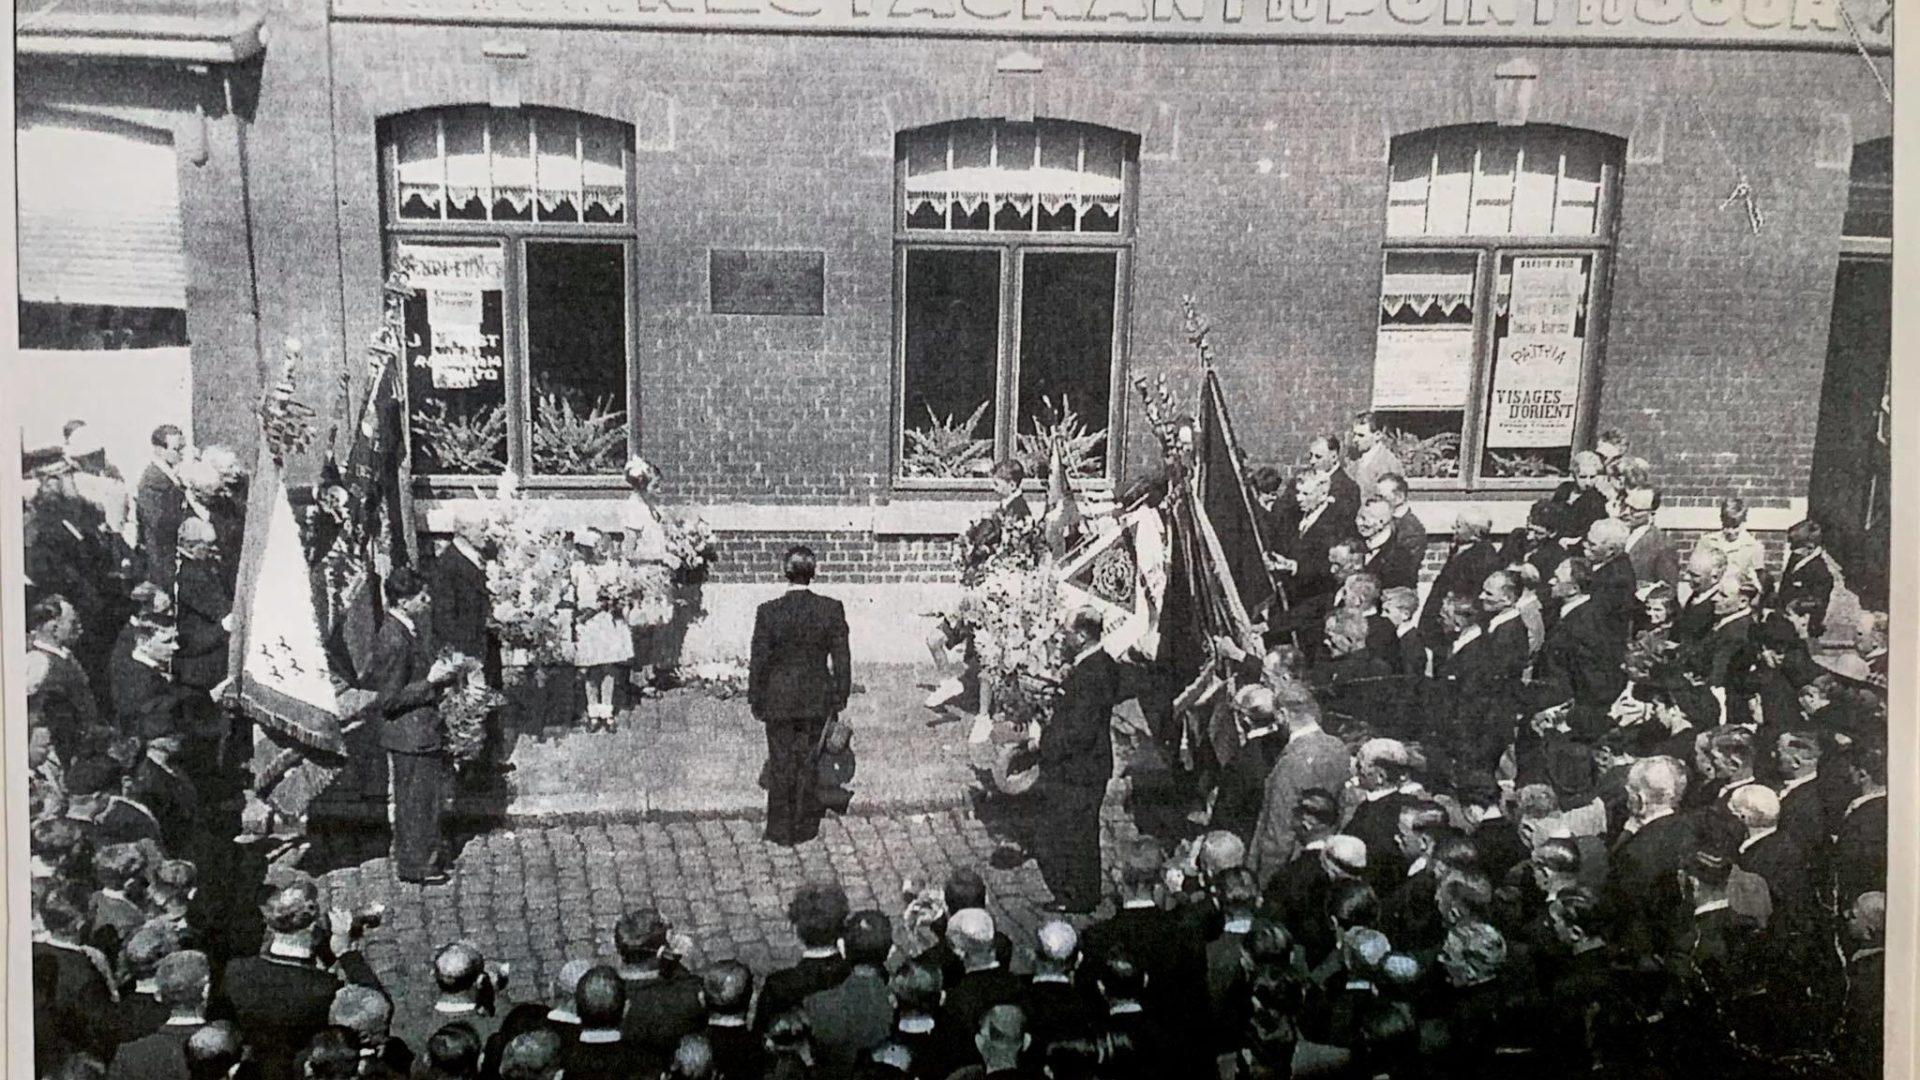 28 juillet 1946 - Place des Martyrs. Inauguration du mémorial des prisonniers politiques dourois martyrisés dans les camps de concentration